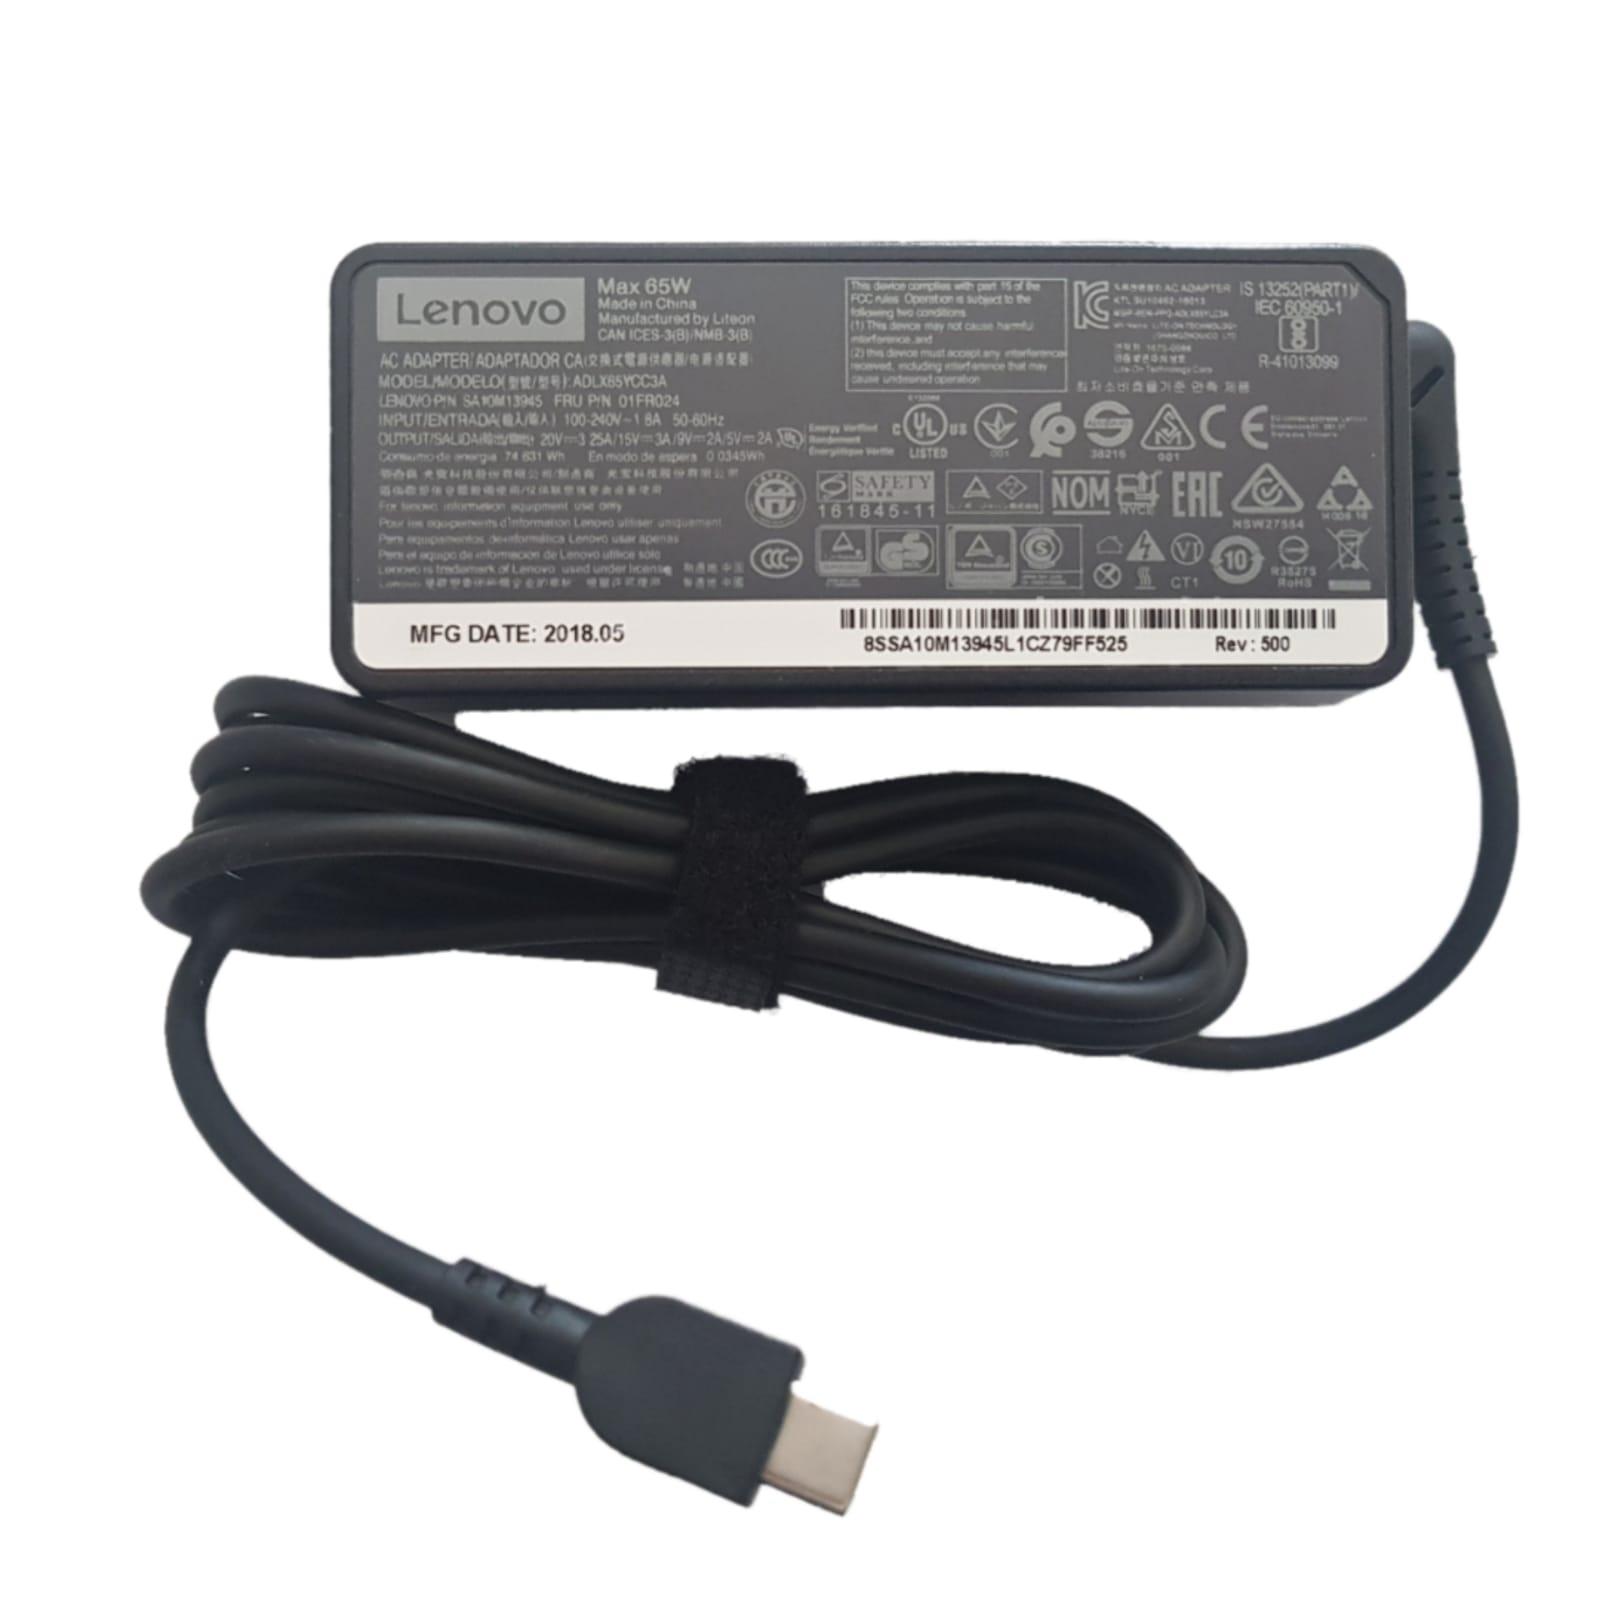 מטען למחשב לנובו Lenovo ThinkPad T470S 20HG